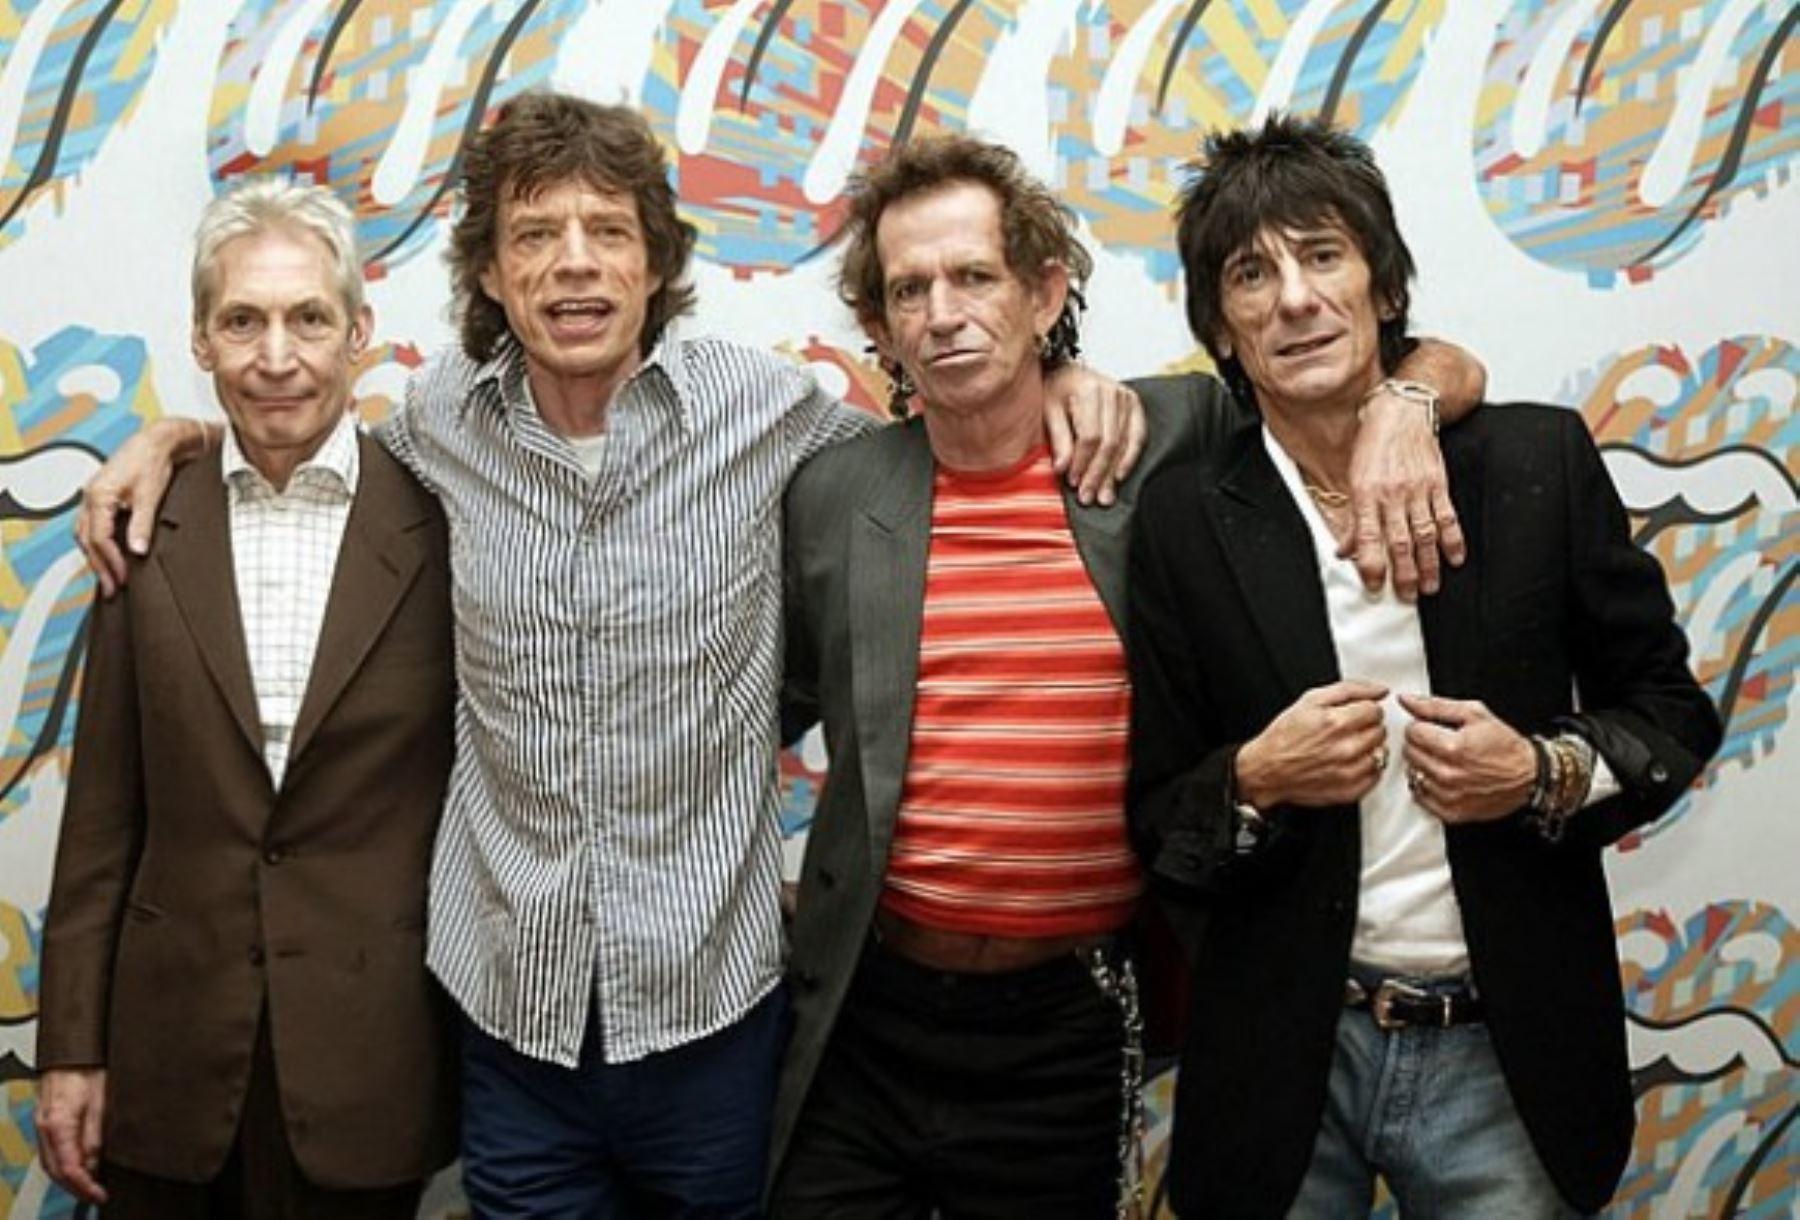 PER---Ver-a-los-Rolling-Stones-en-Lima-costar--desde-2-100-nuevos-soles-en-exclusiva-zona-shaune-fraser-Olimpic-Swimmer-Cayman-Island